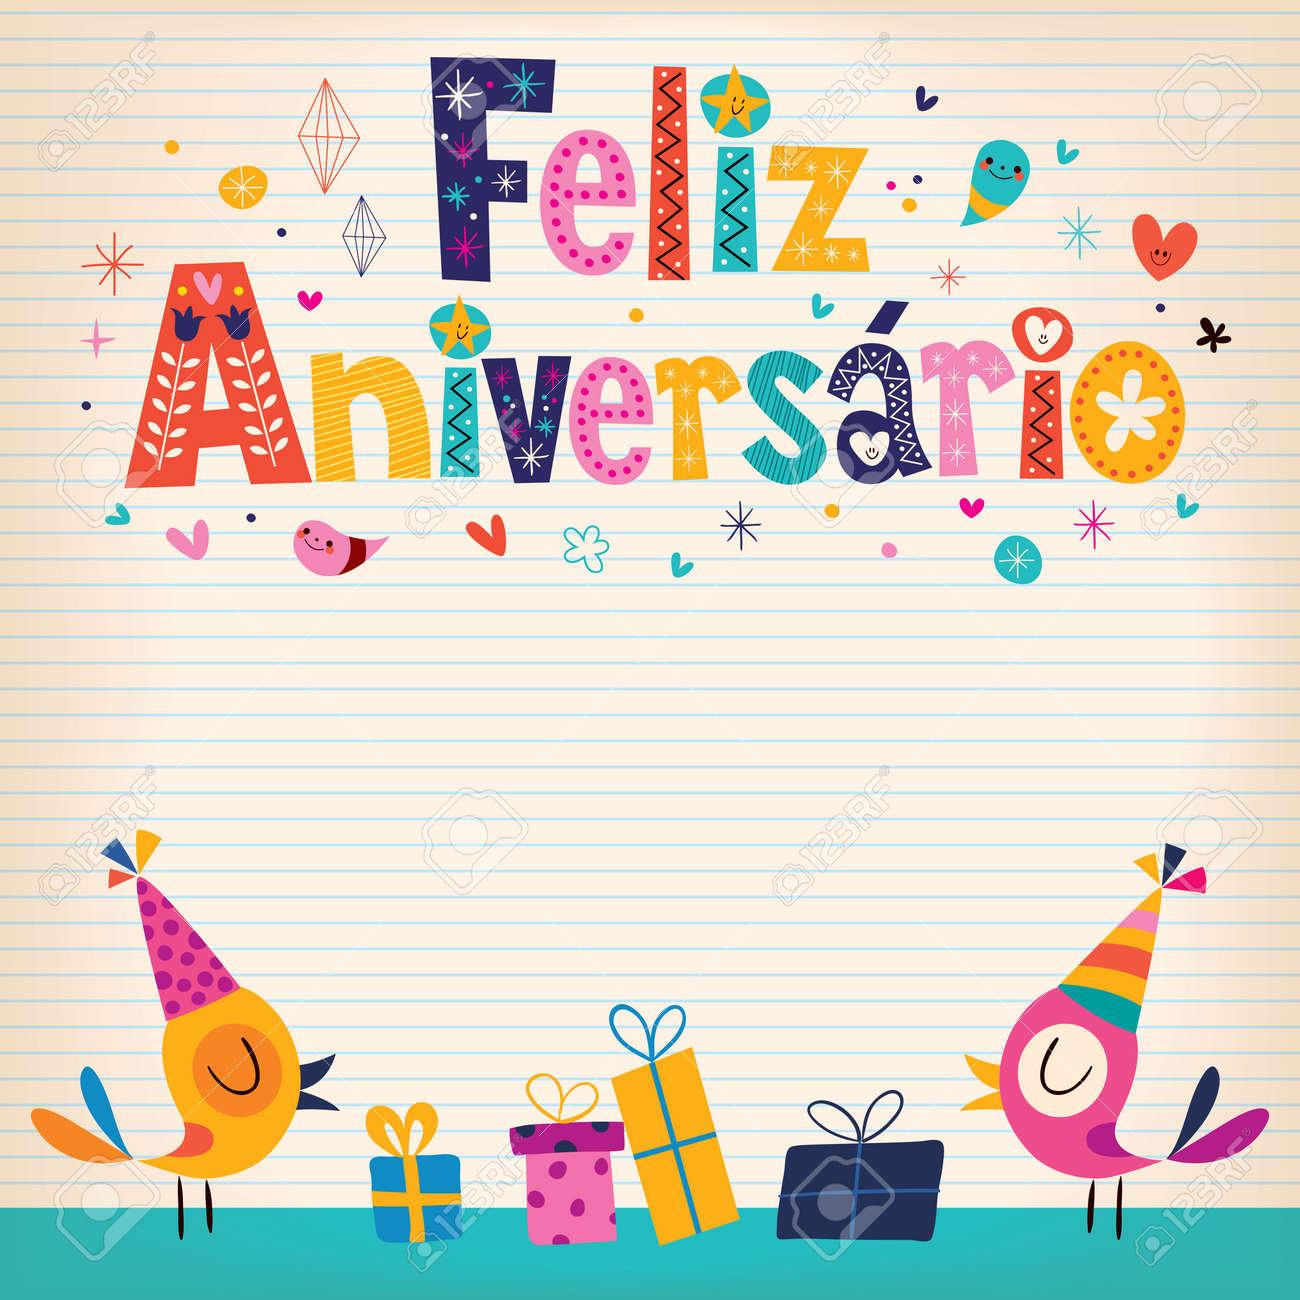 Feliz Aniversario Portuguese Happy Birthday Card Royalty Free